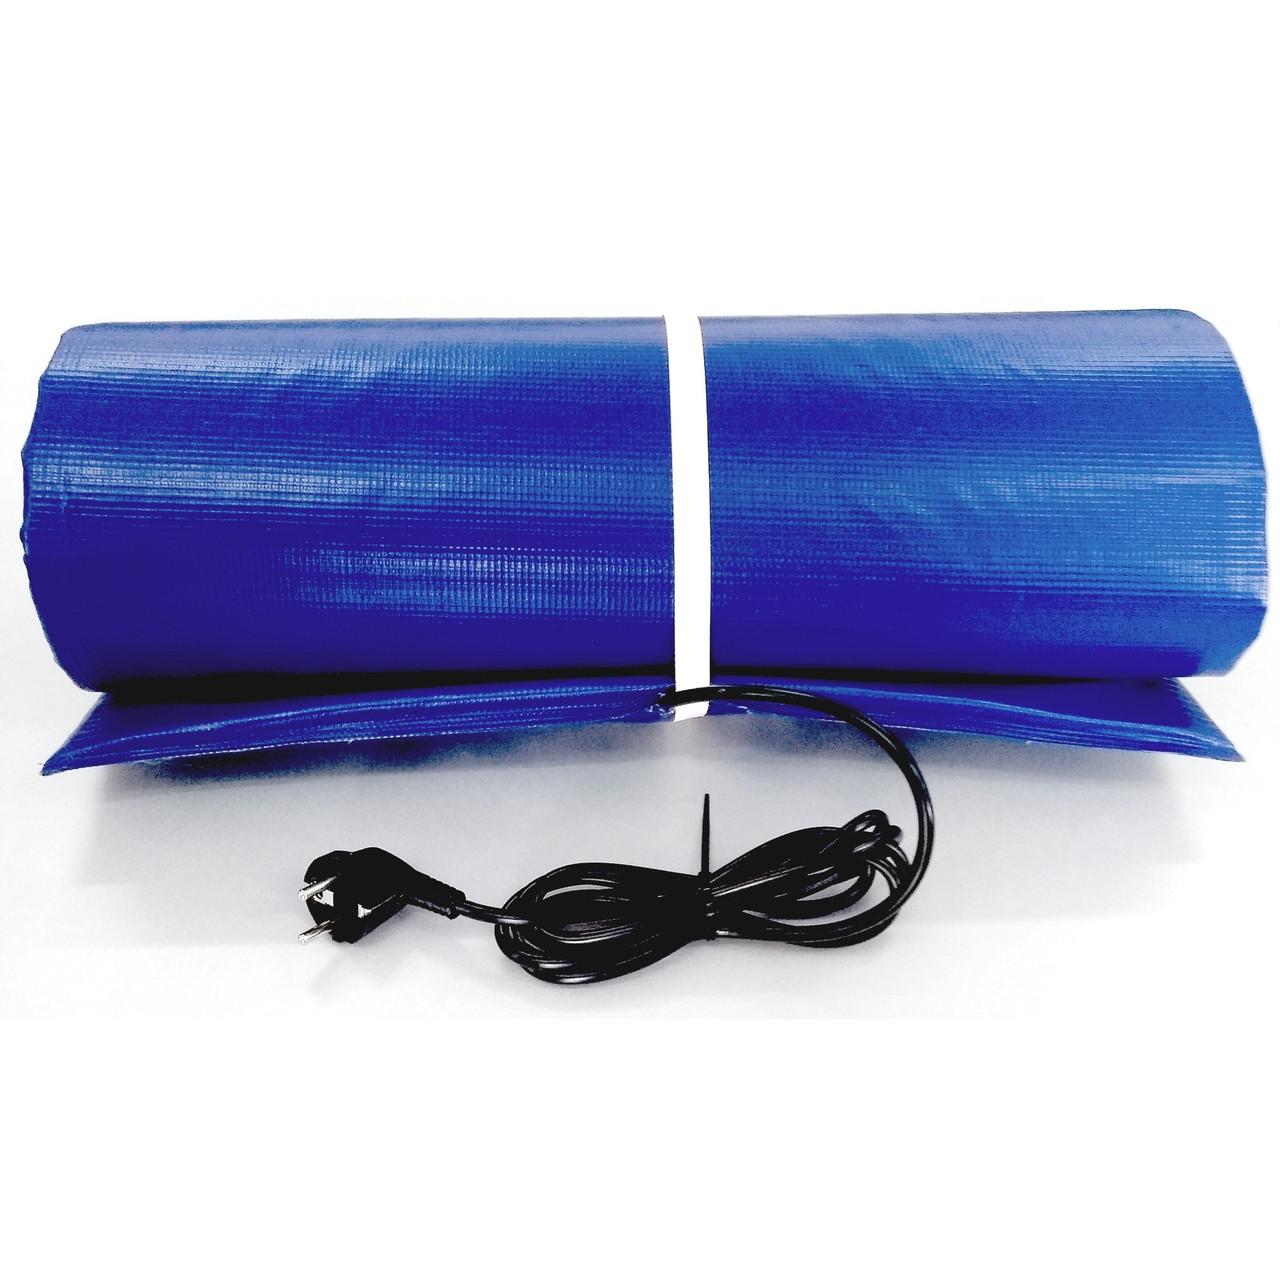 Электронагреватель для воды и бассейнов( надувных и каркасных)6000 л - фото 2